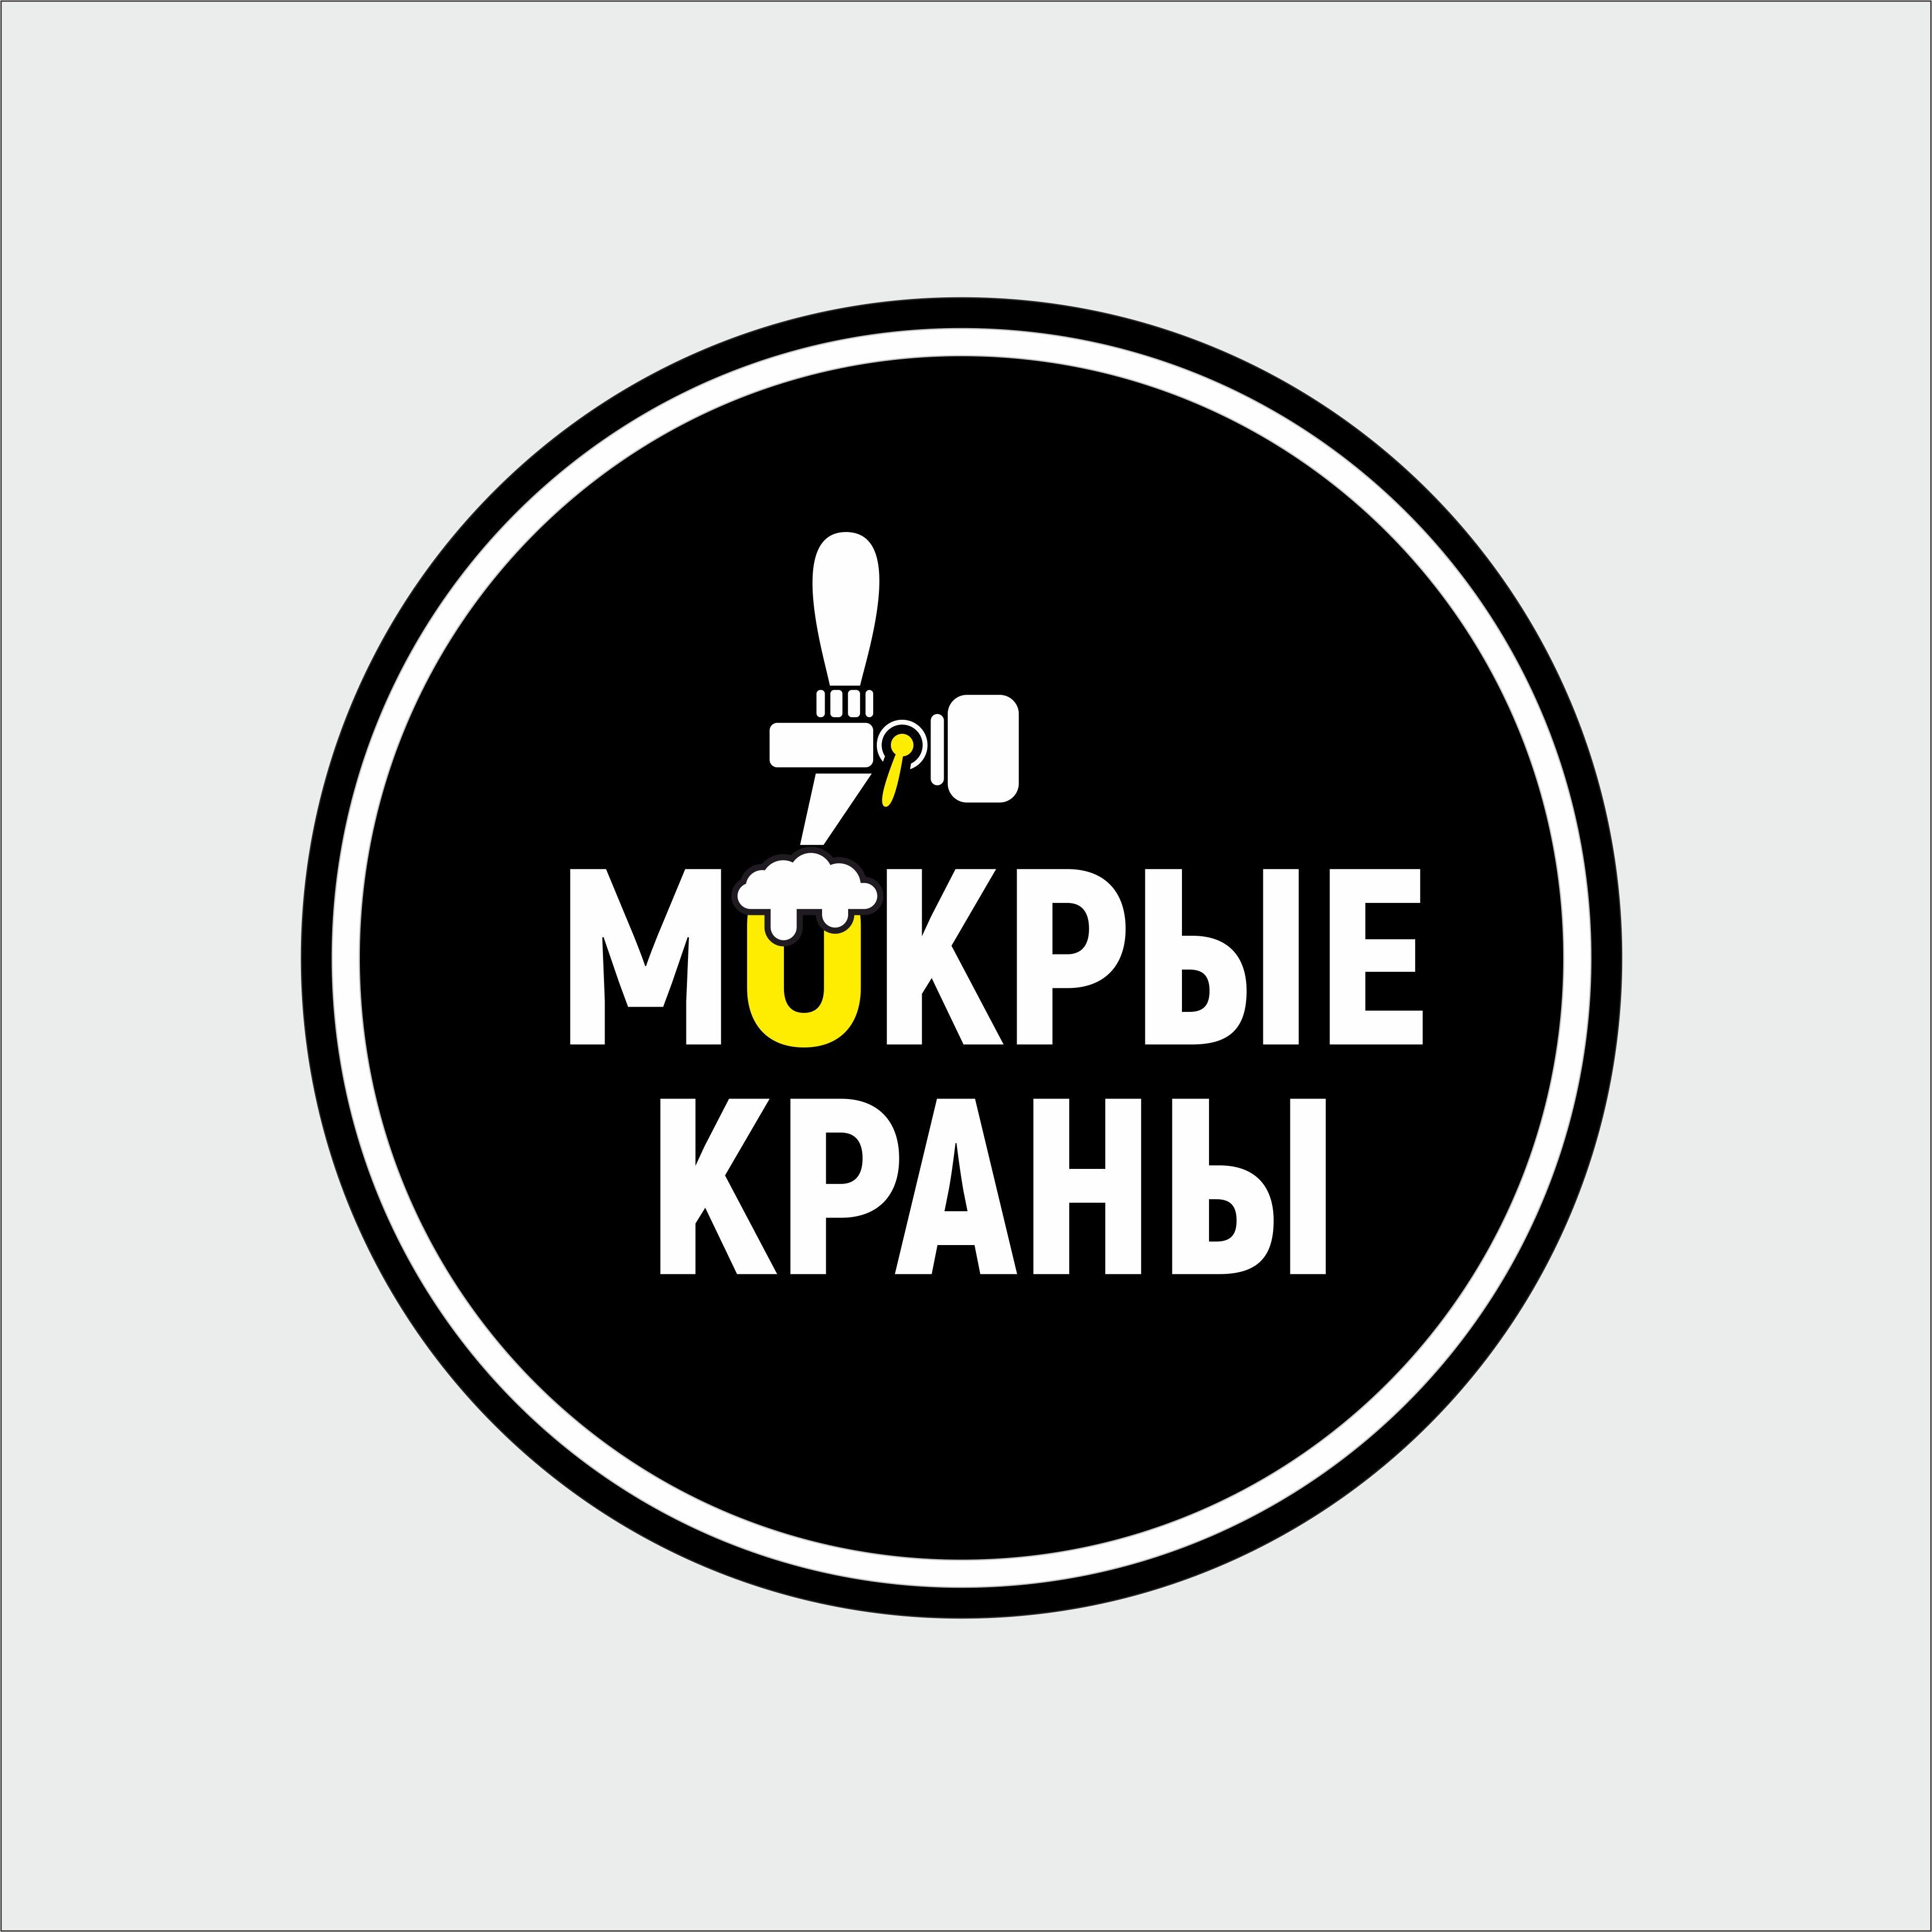 Вывеска/логотип для пивного магазина фото f_13860201c05b2a02.jpg